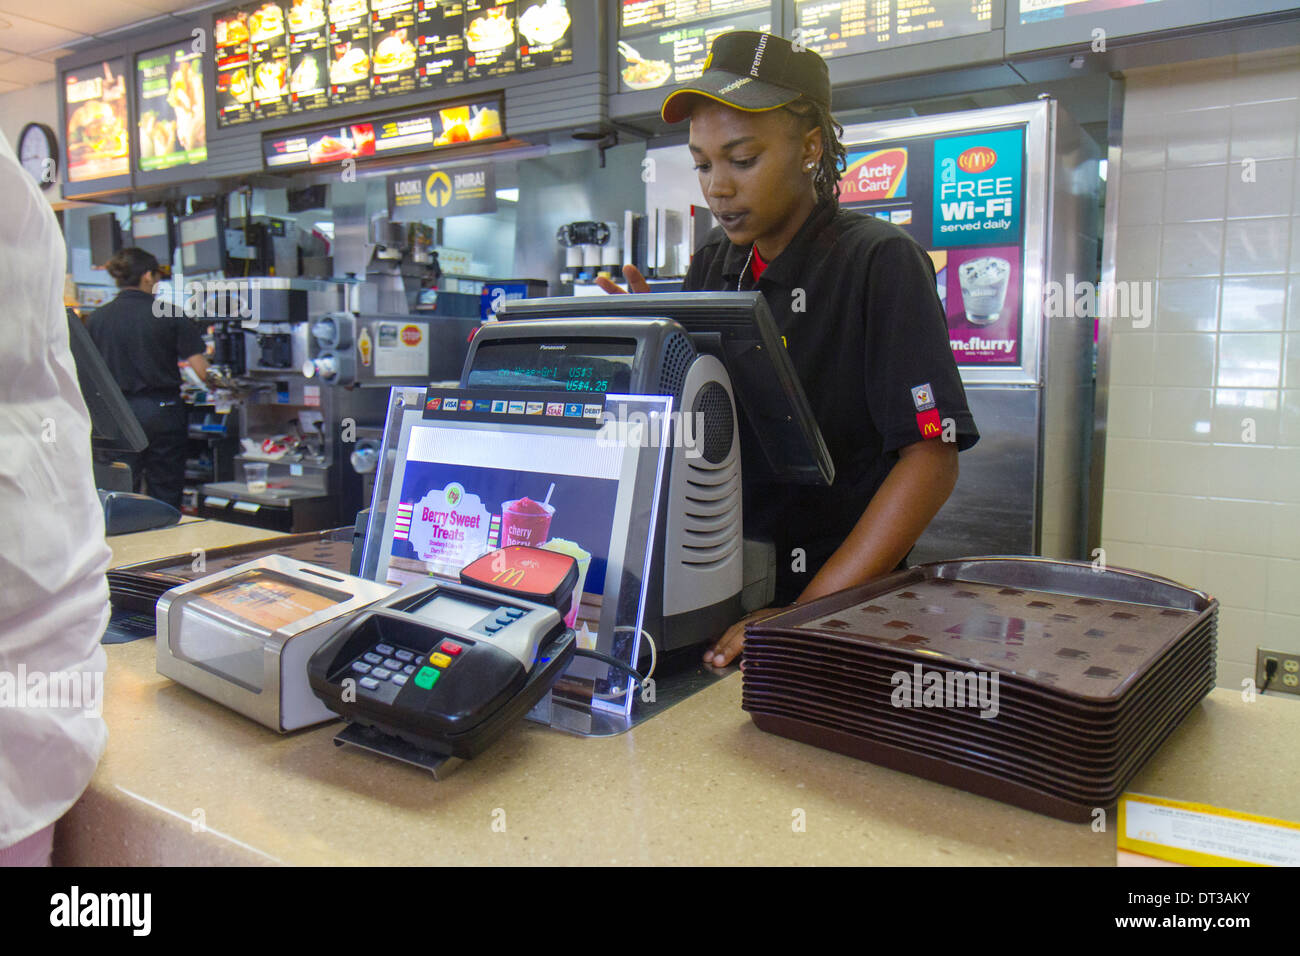 Florida Fort Pierce SR70 McDonald ristorante business fast food della catena di hamburger contatore nero girl teen lavoratore cassiere unif. lavoro Immagini Stock